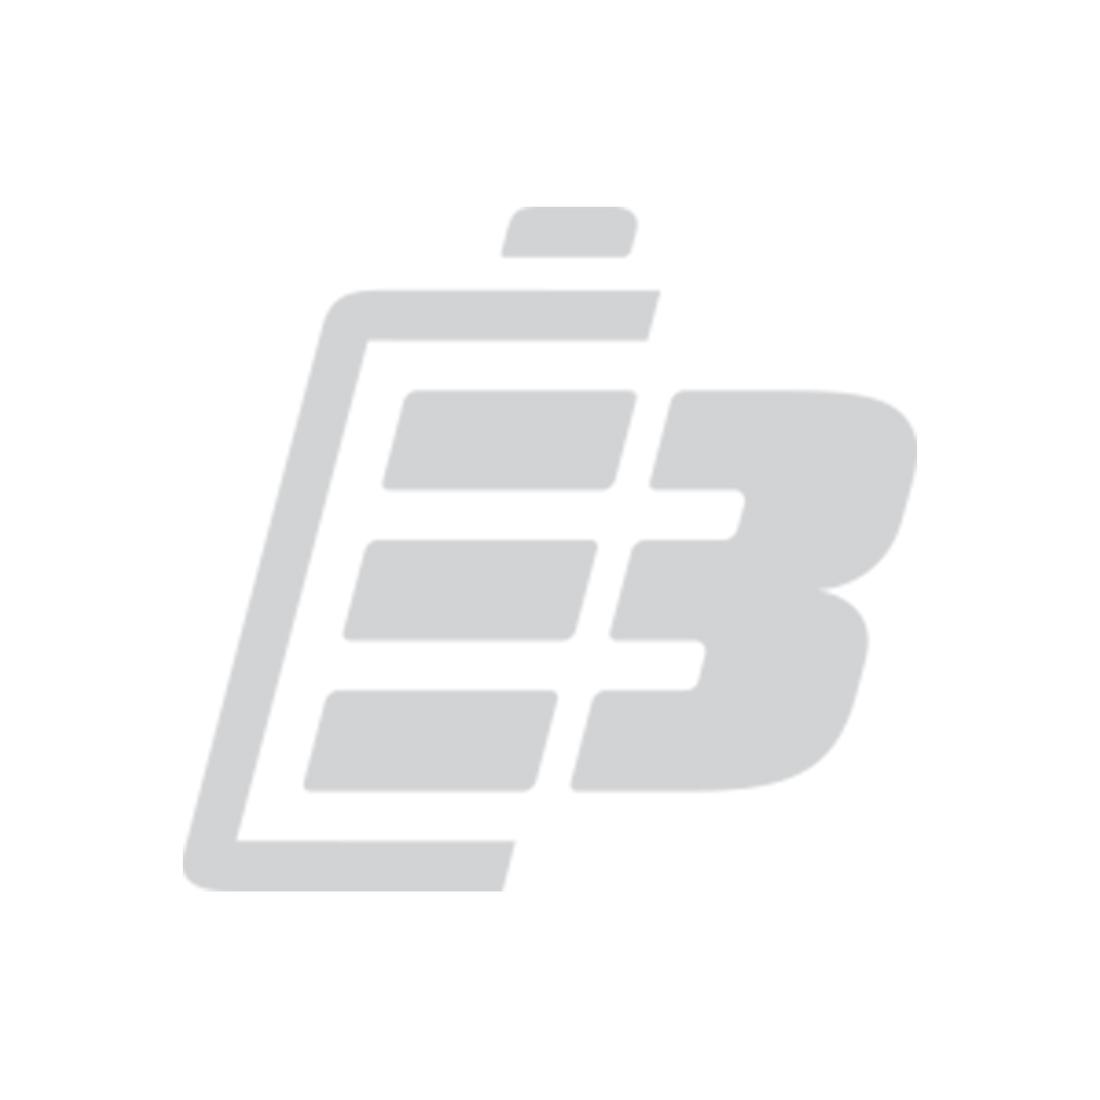 Μπαταρία φωτογραφικής μηχανής Kyocera BP-1500S_1